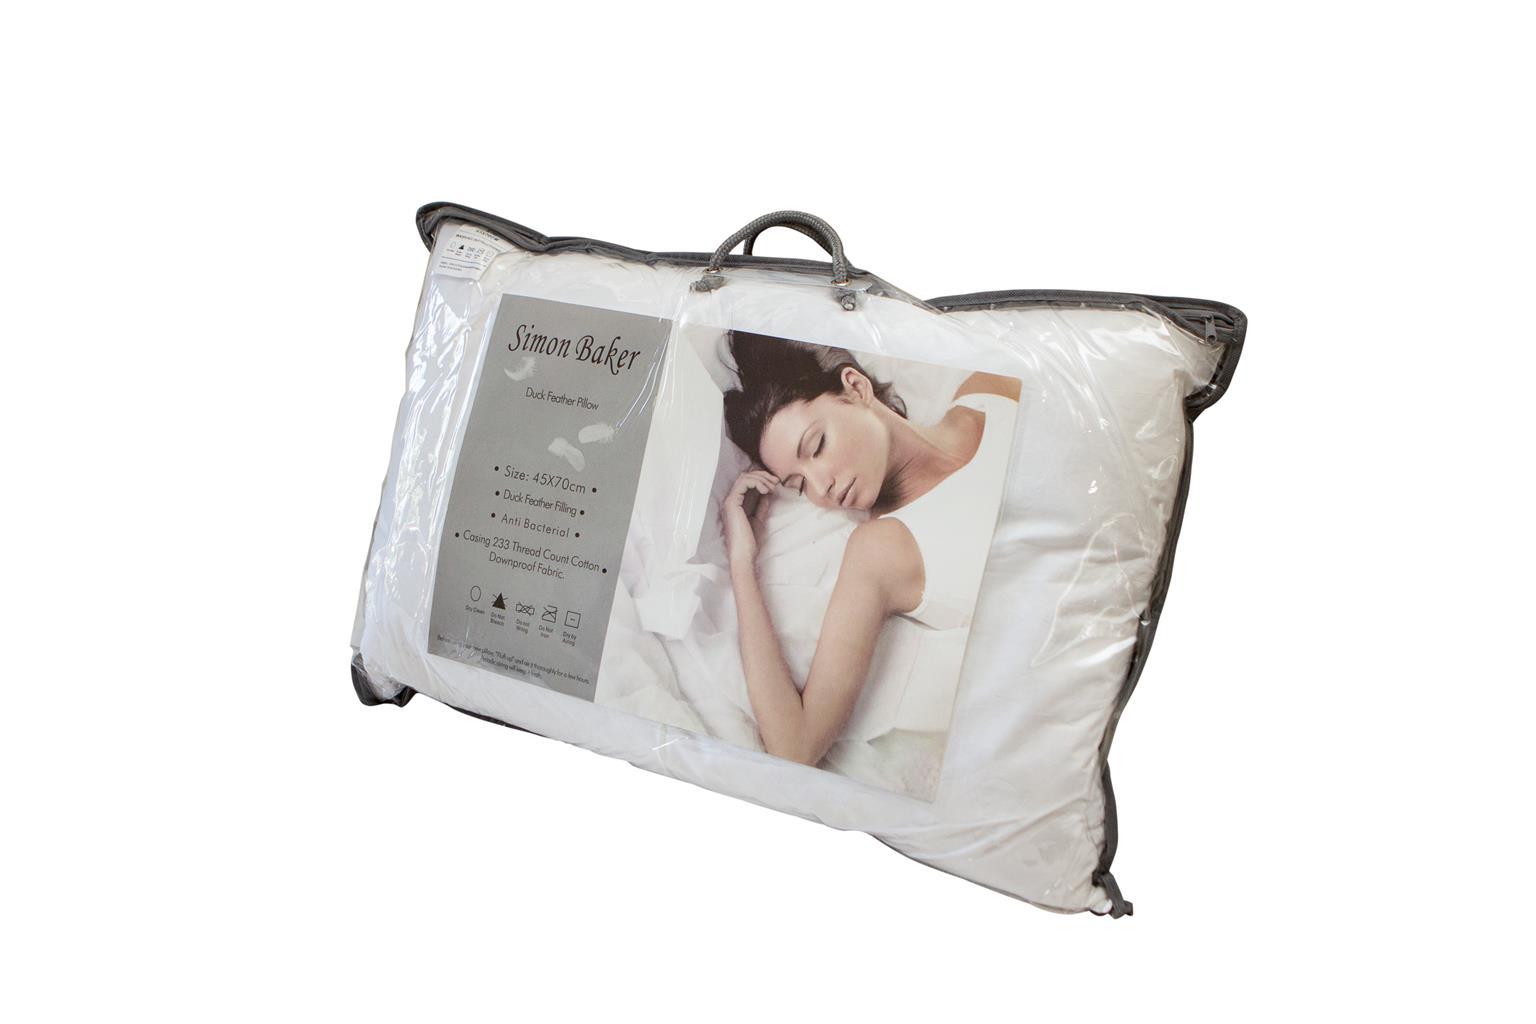 Simon Baker Duck Feather Pillows